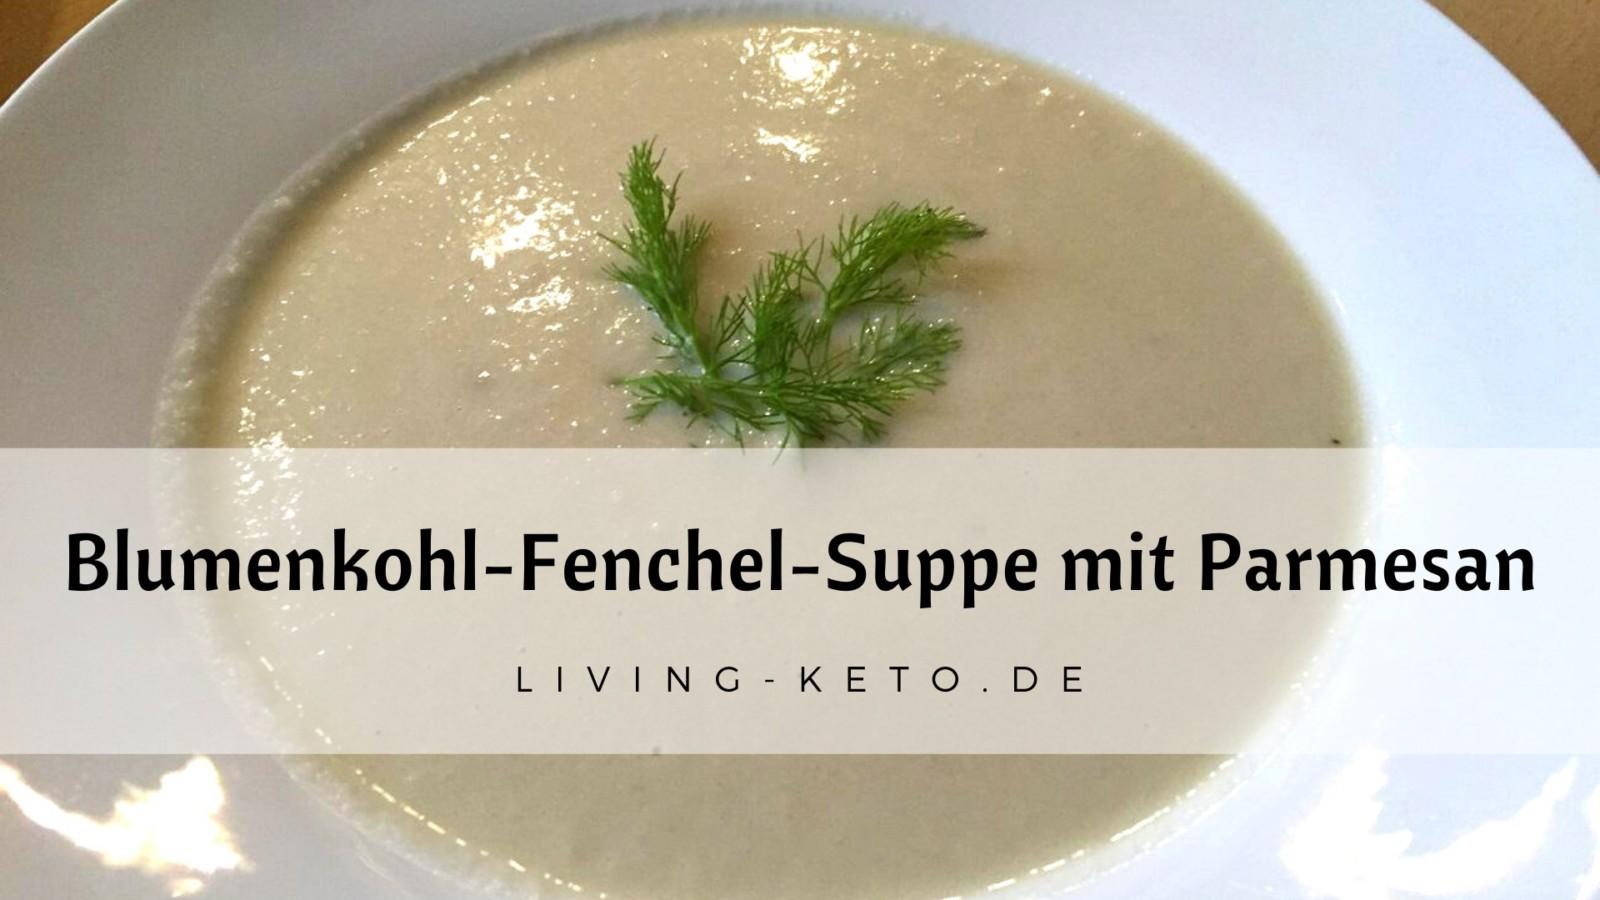 Blumenkohl-Fenchel-Suppe mit Parmesan – ketogen